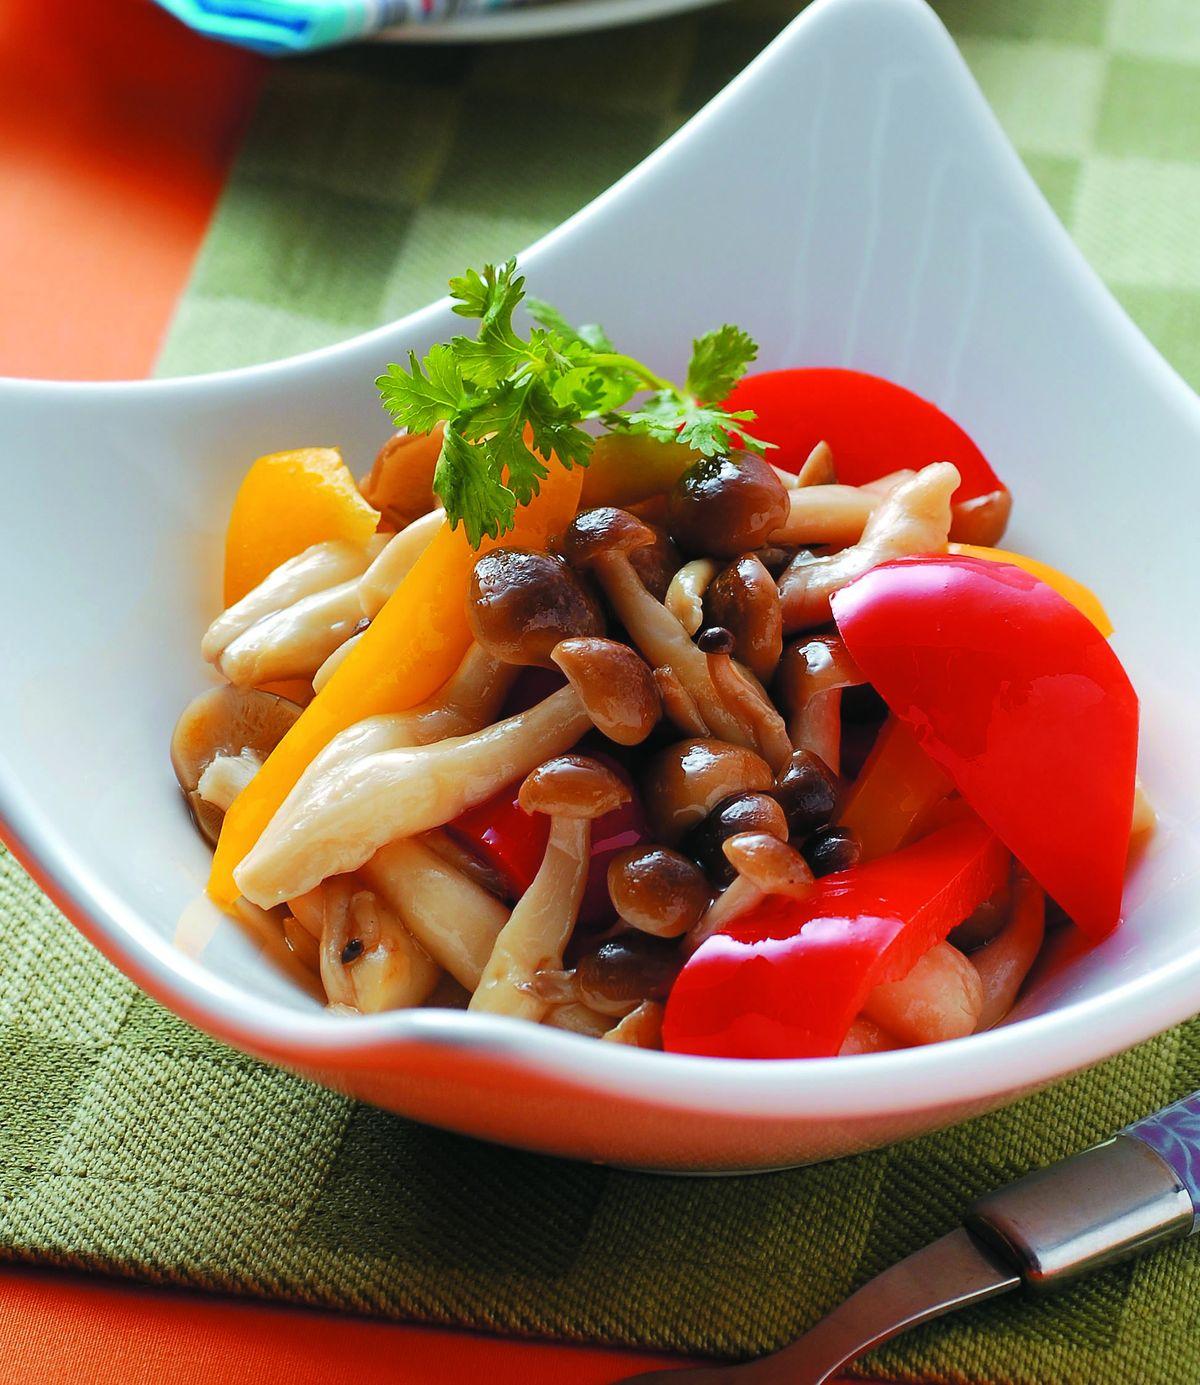 食譜:彩椒鴻禧菇